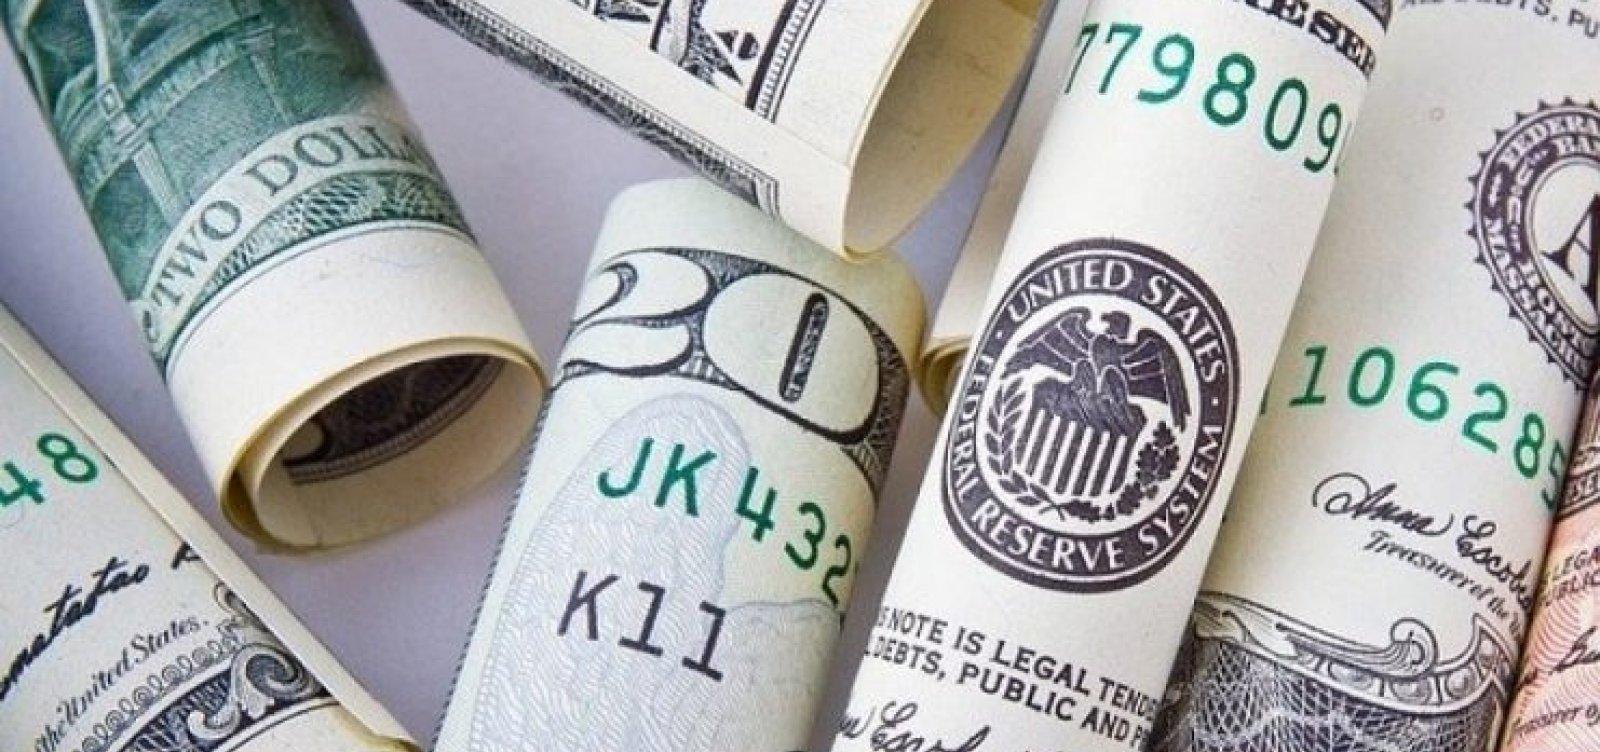 Dólar recua 1,21% nesta sexta e acumula queda na semana